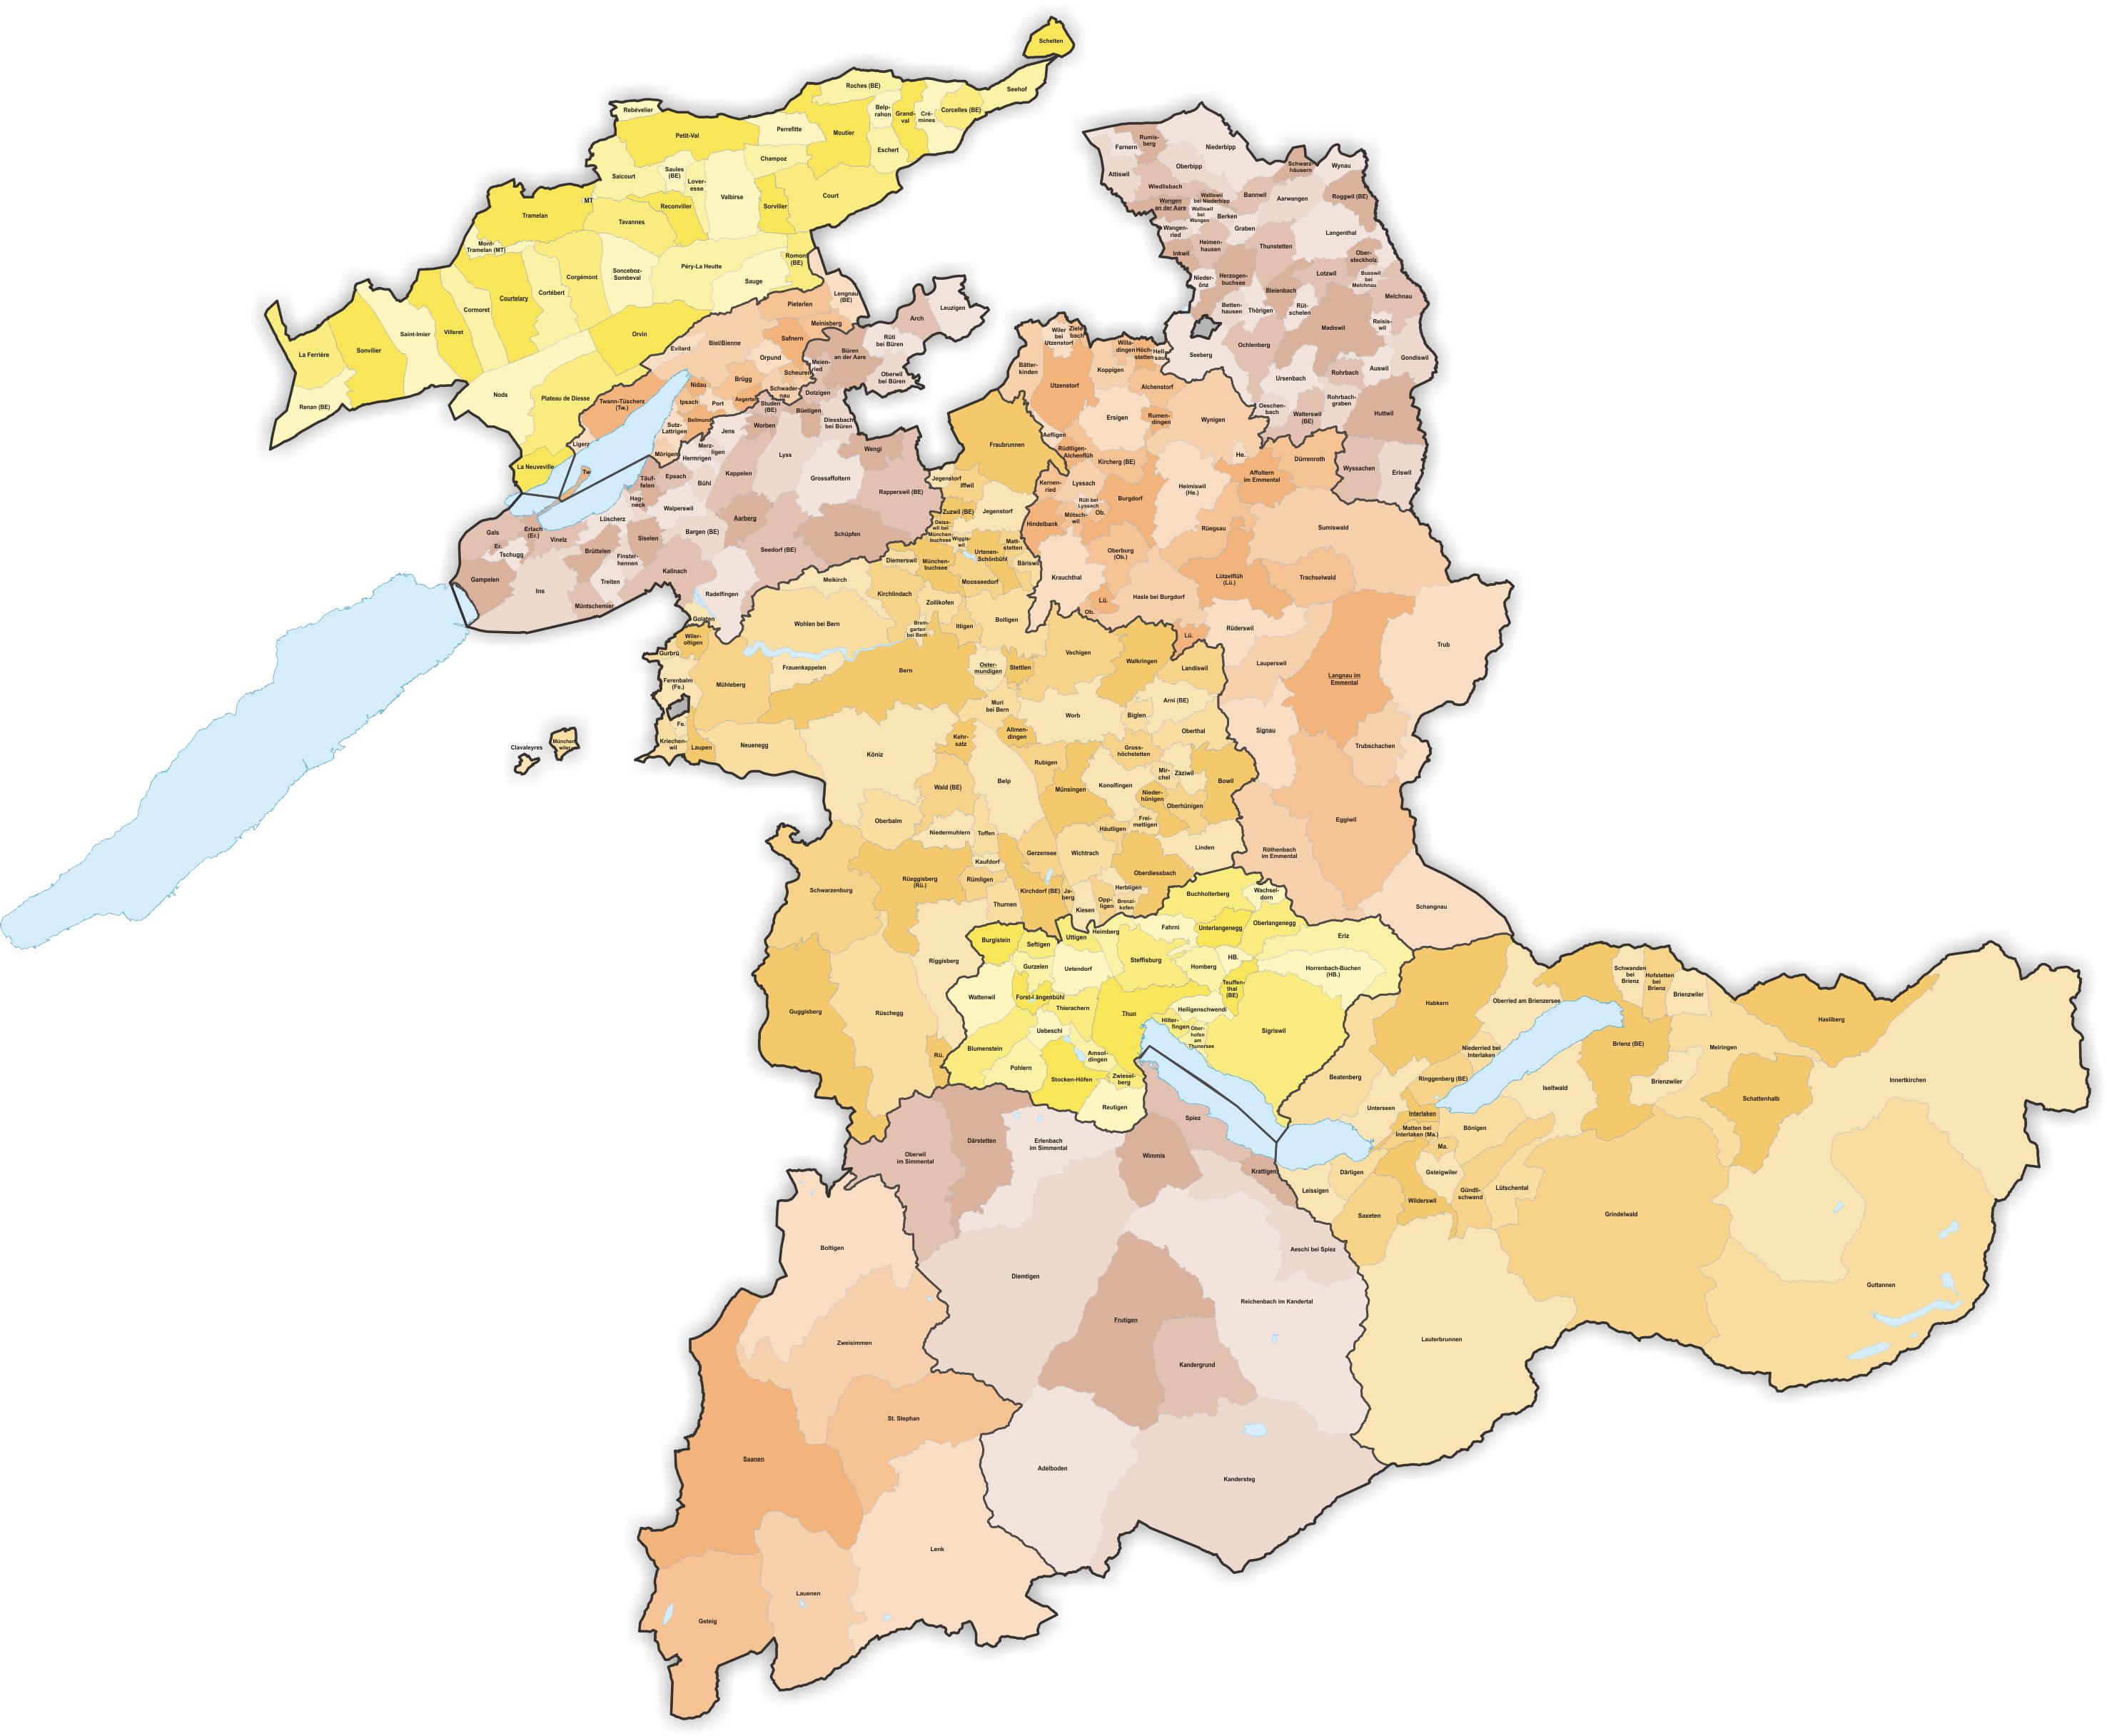 carte des cantons 2020 File:Karte Gemeinden des Kantons Bern farbig 2020.png   Wikimedia